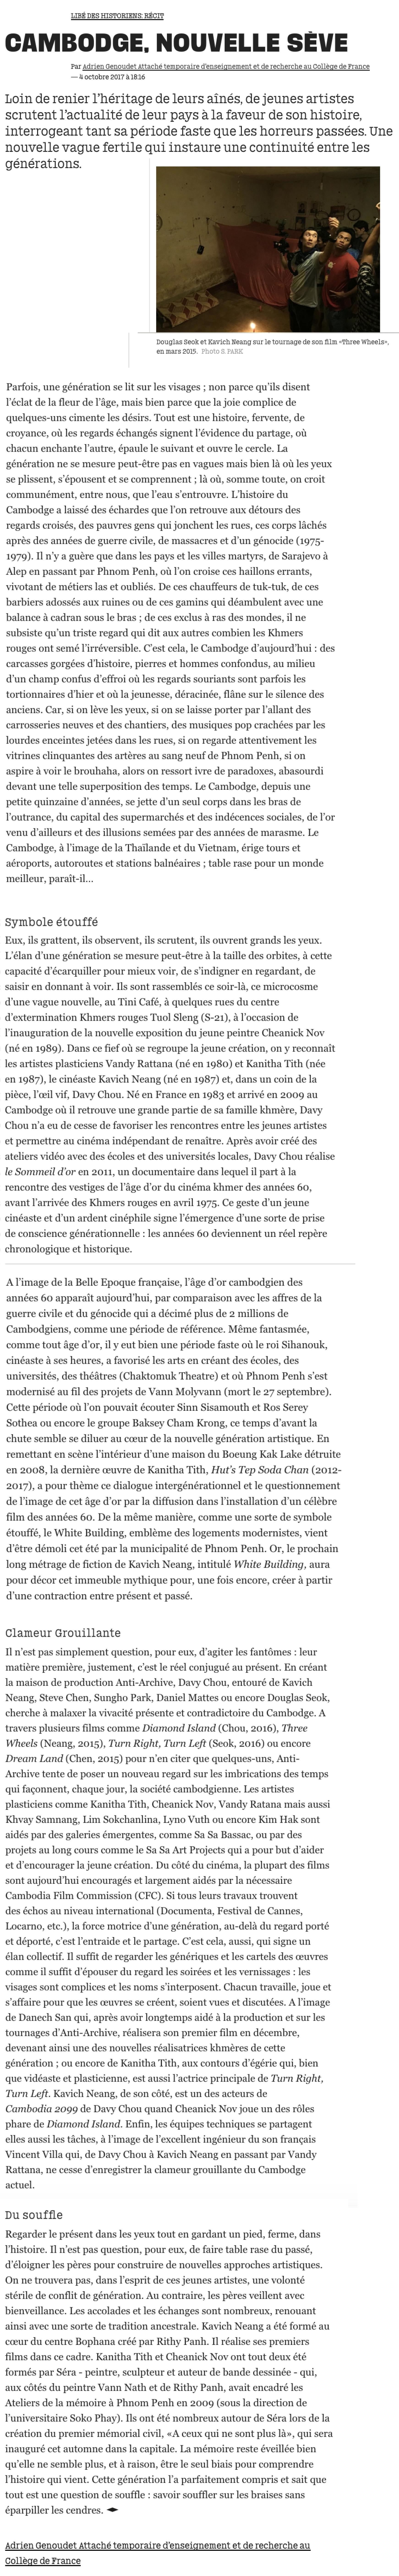 Libération_1017